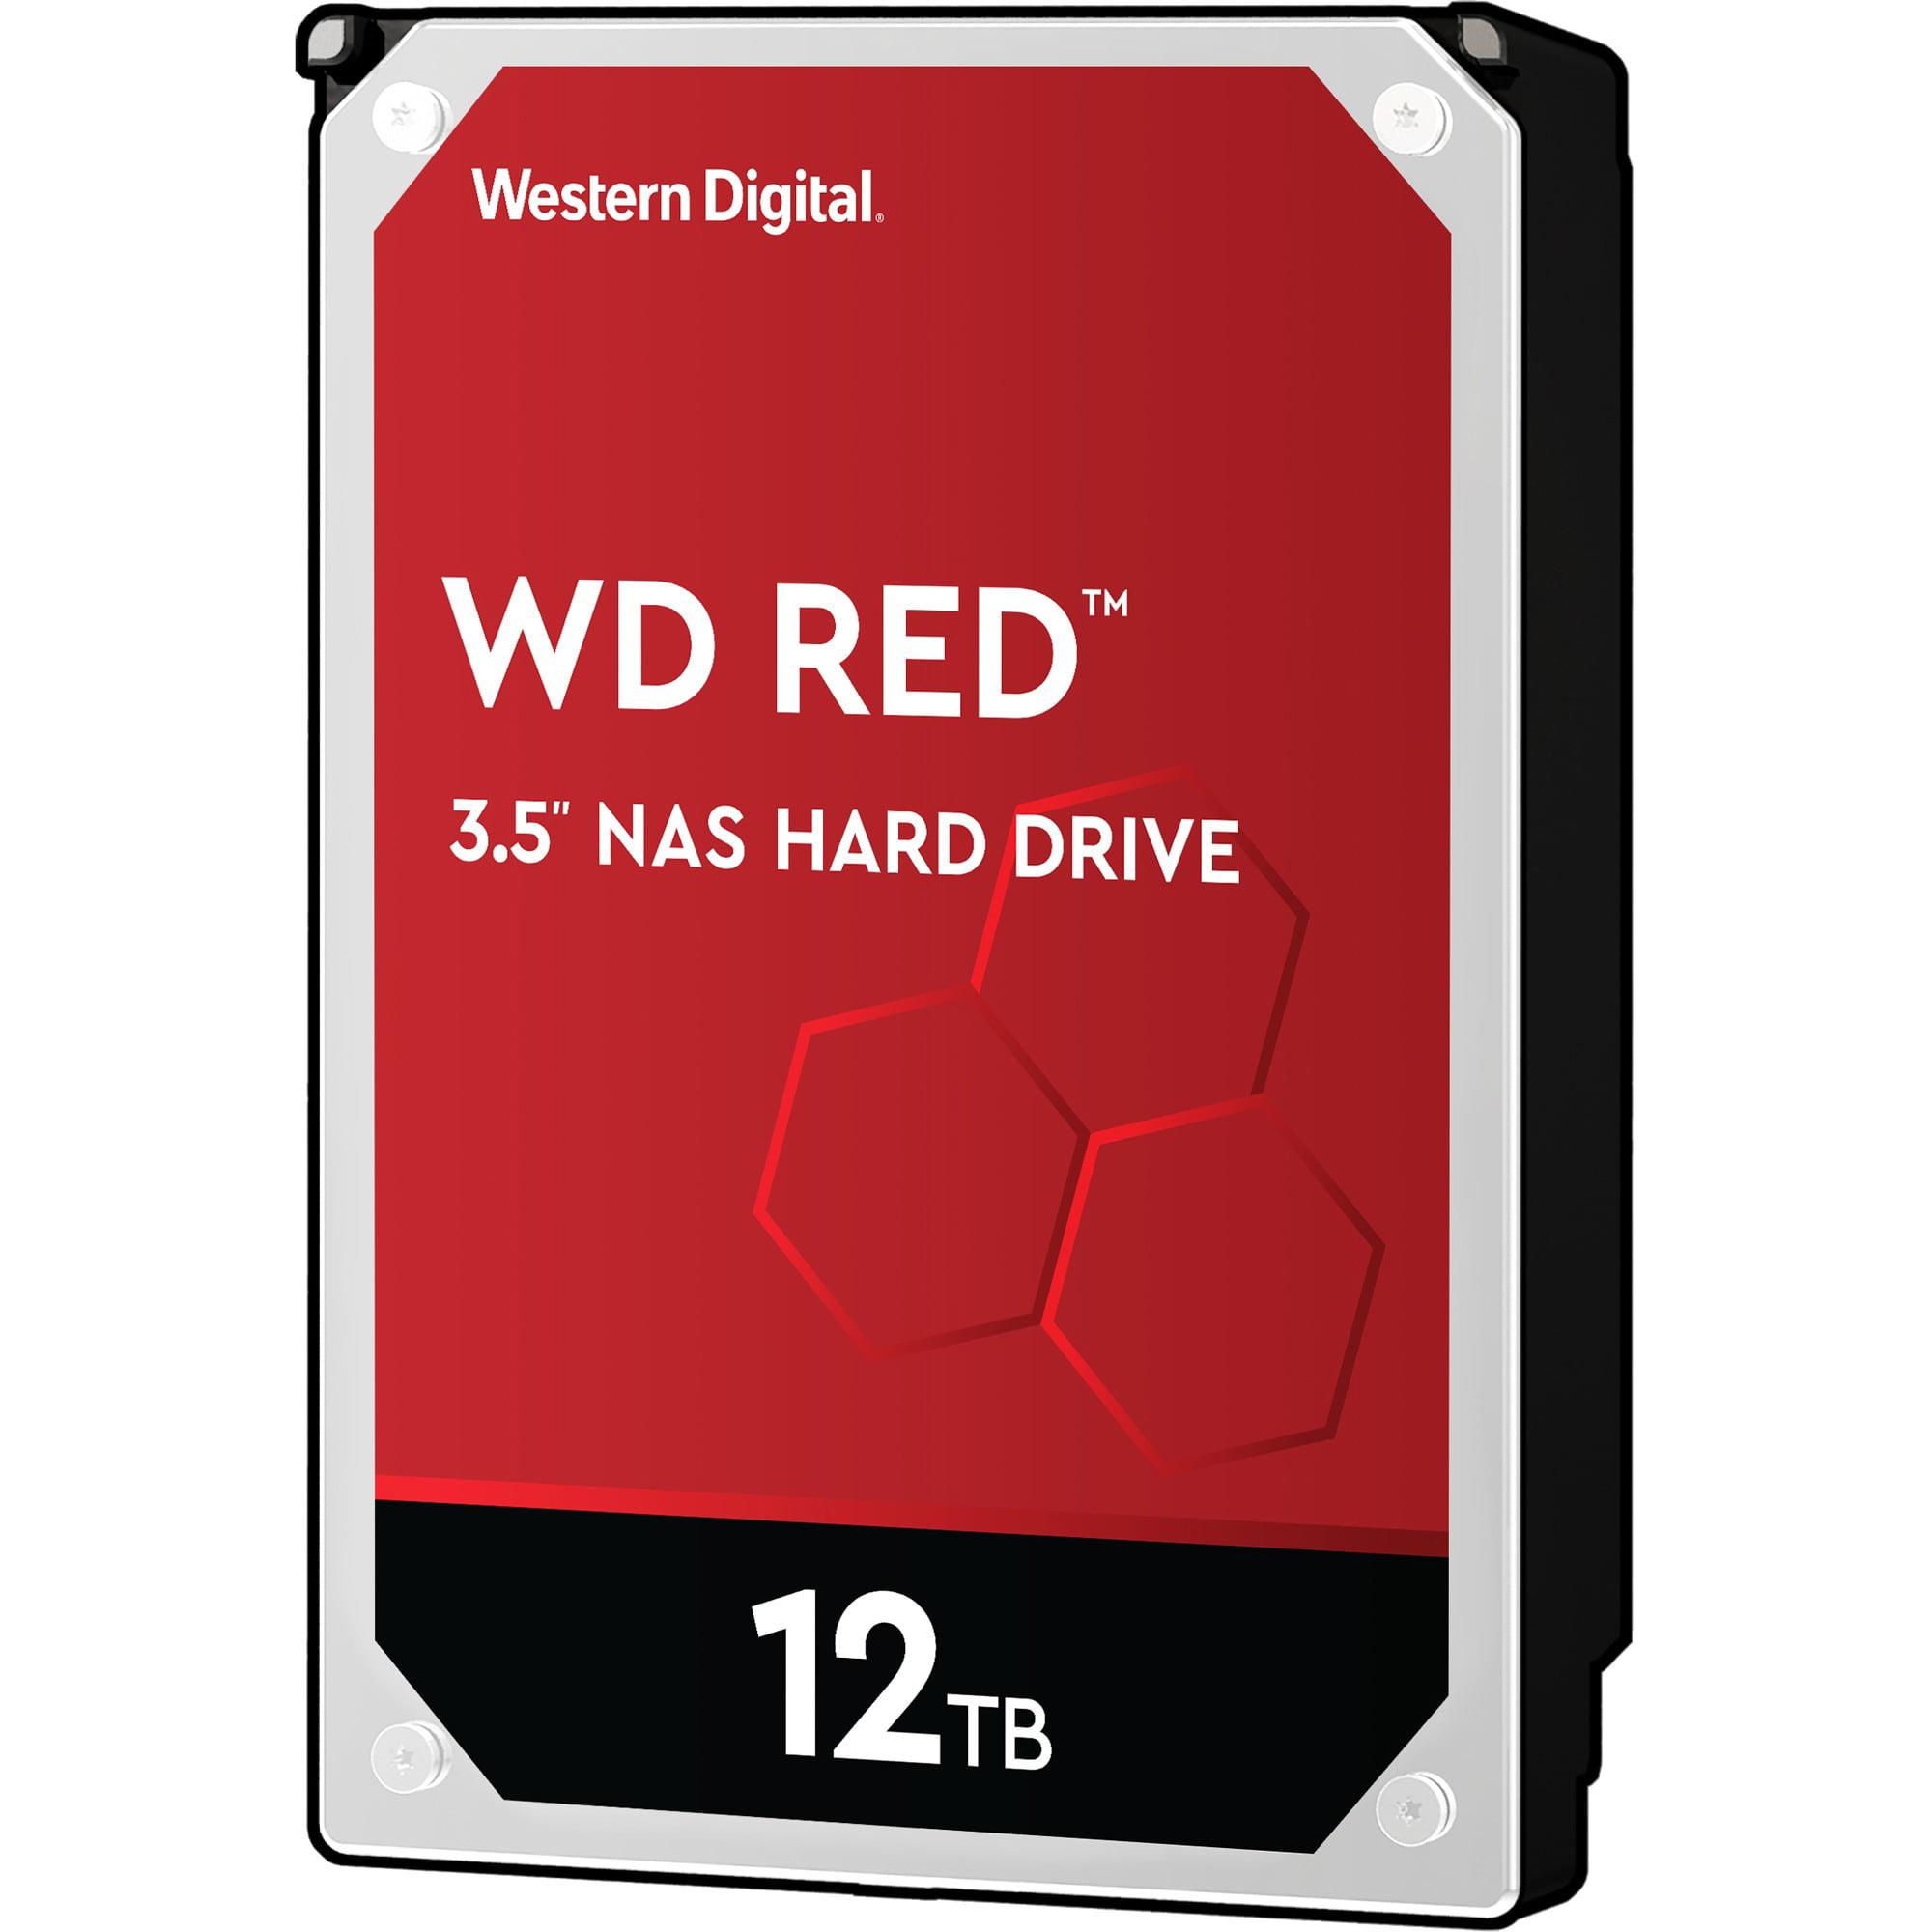 Wd Red 12tb Nas Hard Drive Walmart Com Walmart Com